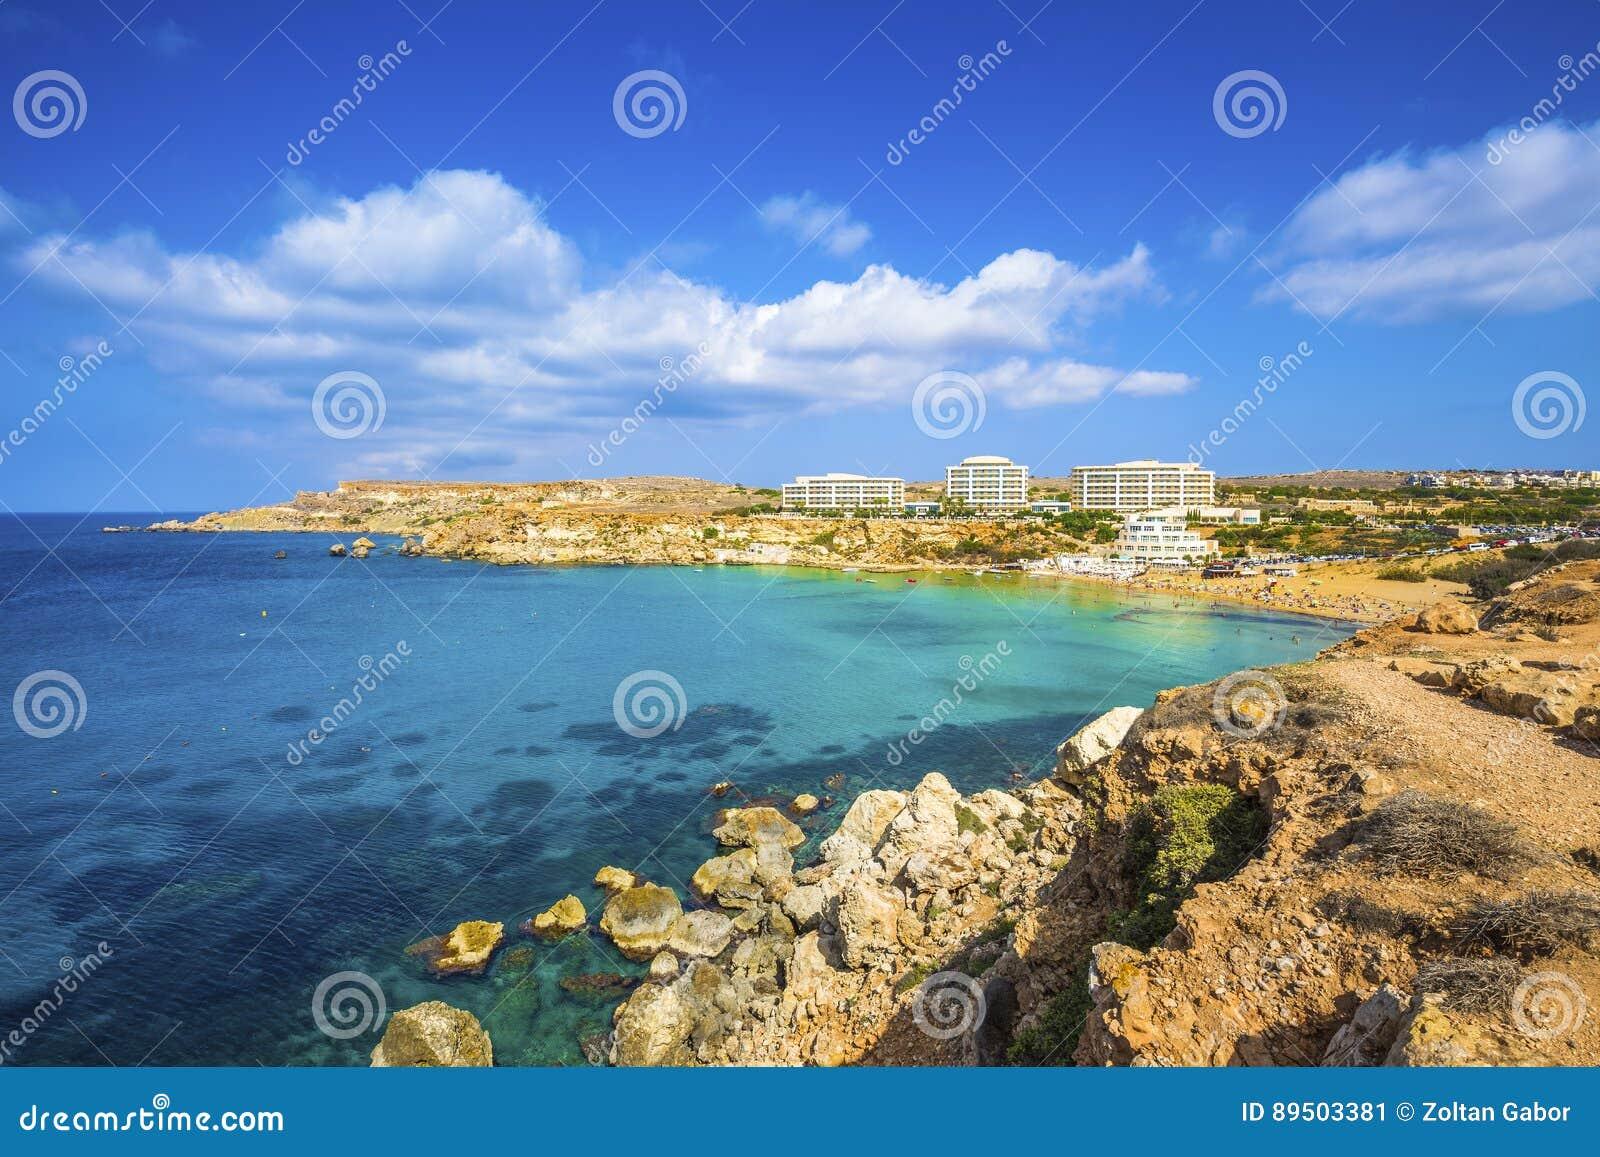 Ghajn Tuffieha, Malta - panoramische Skylineansicht der goldenen Bucht, Malta-` s der meiste schöne sandige Strand